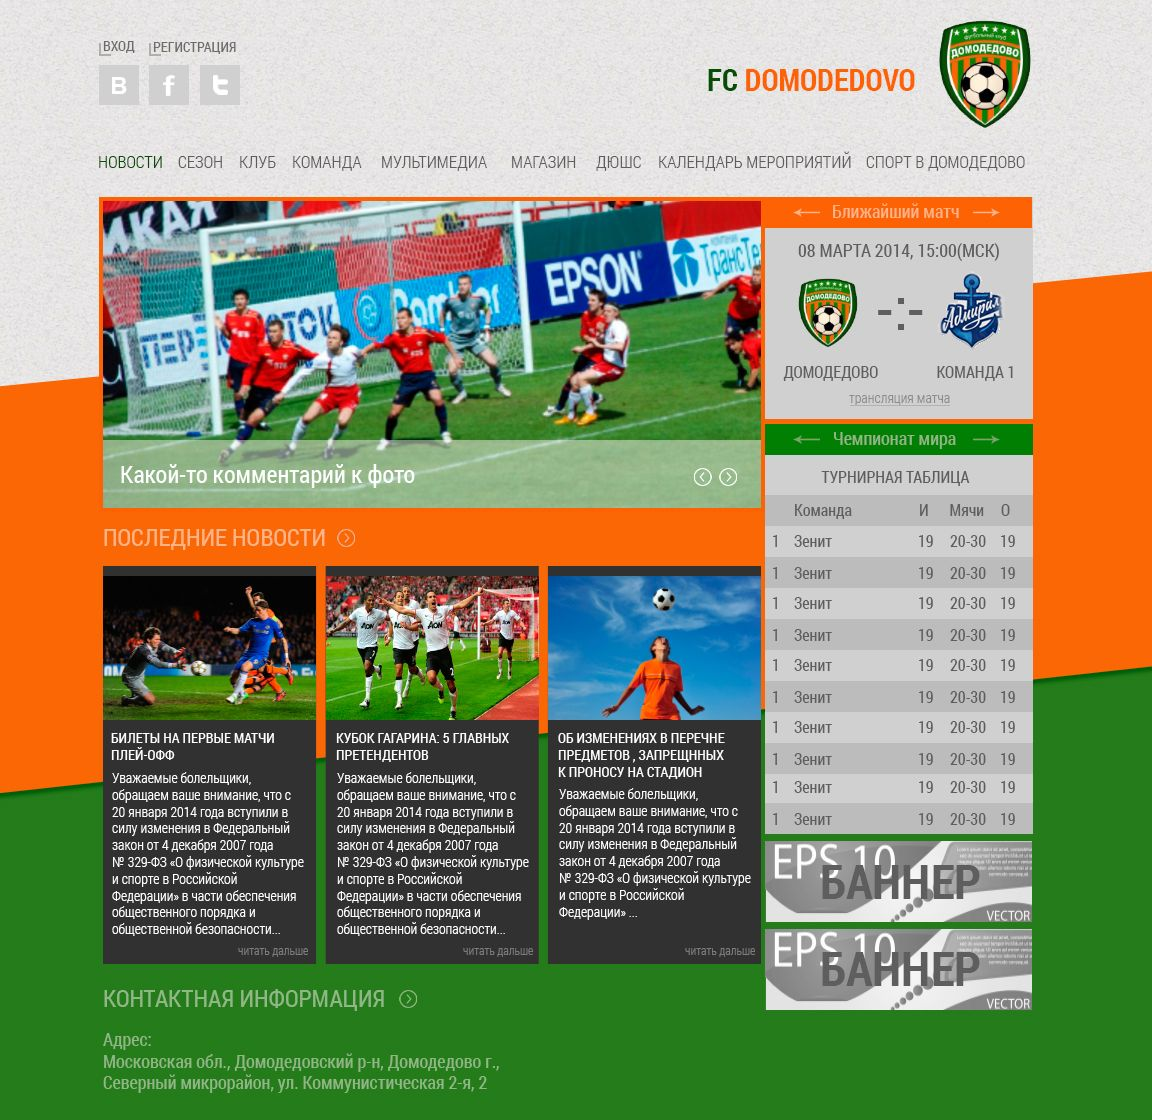 Дизайн сайта футбольного клуба